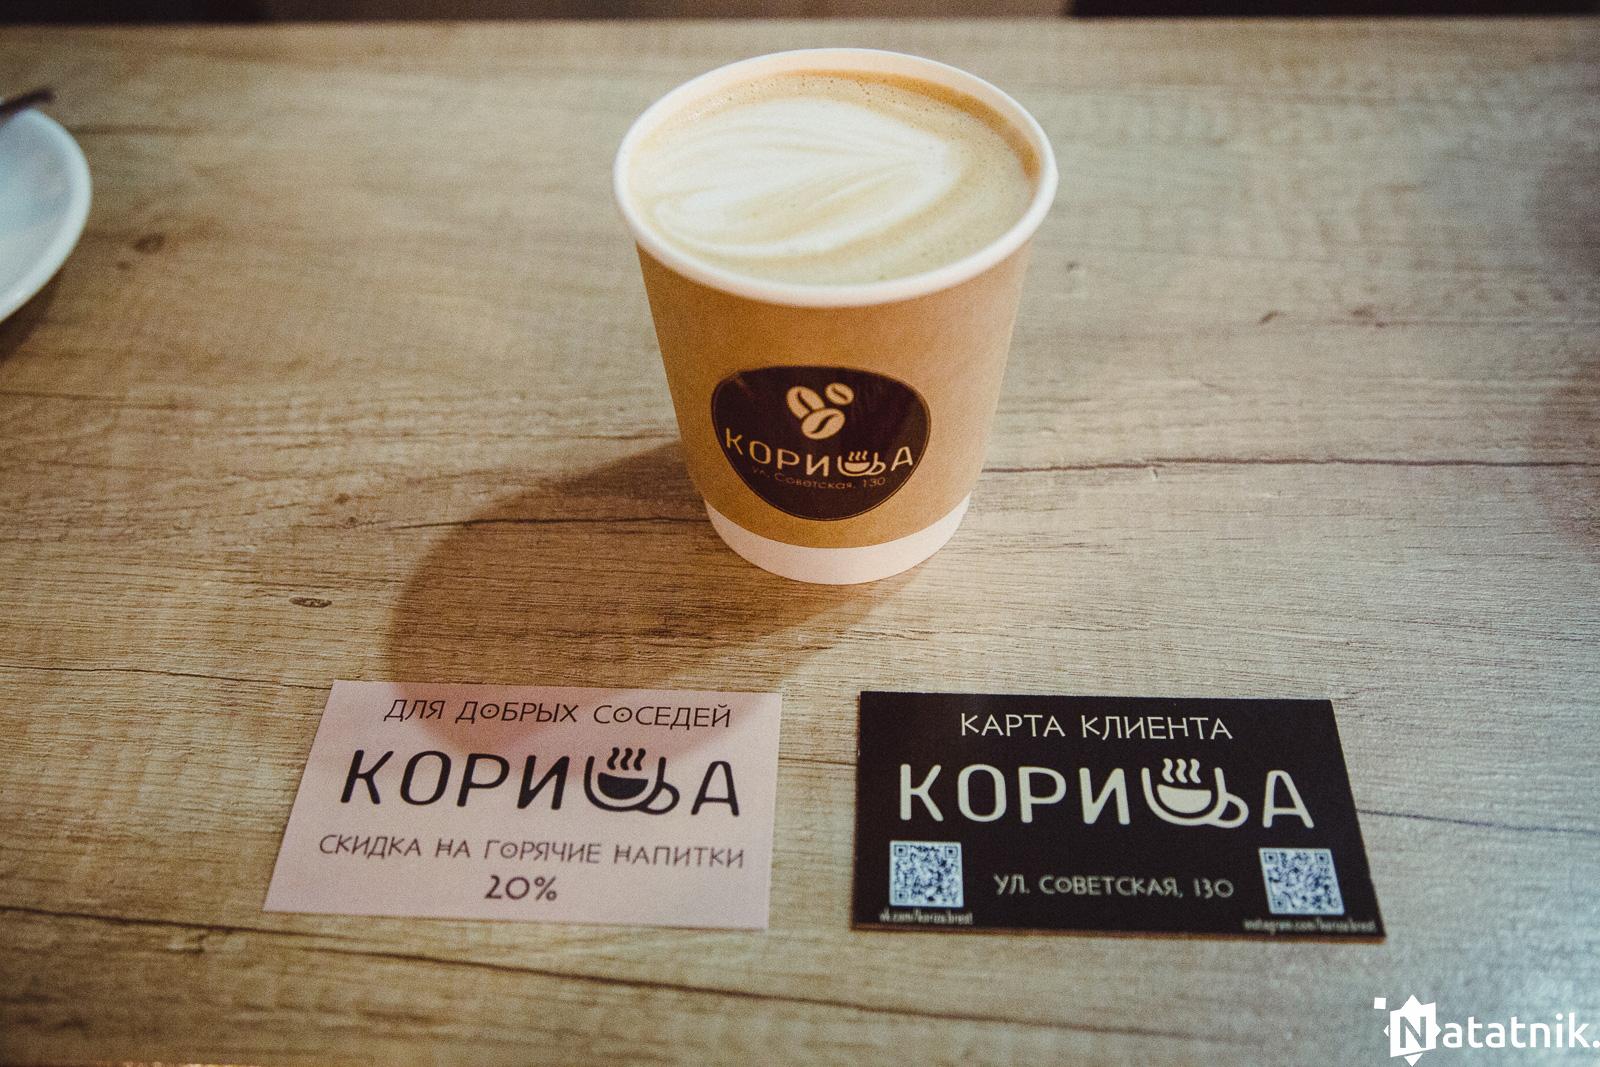 Брест, кофе, где выпить кофе, капучино